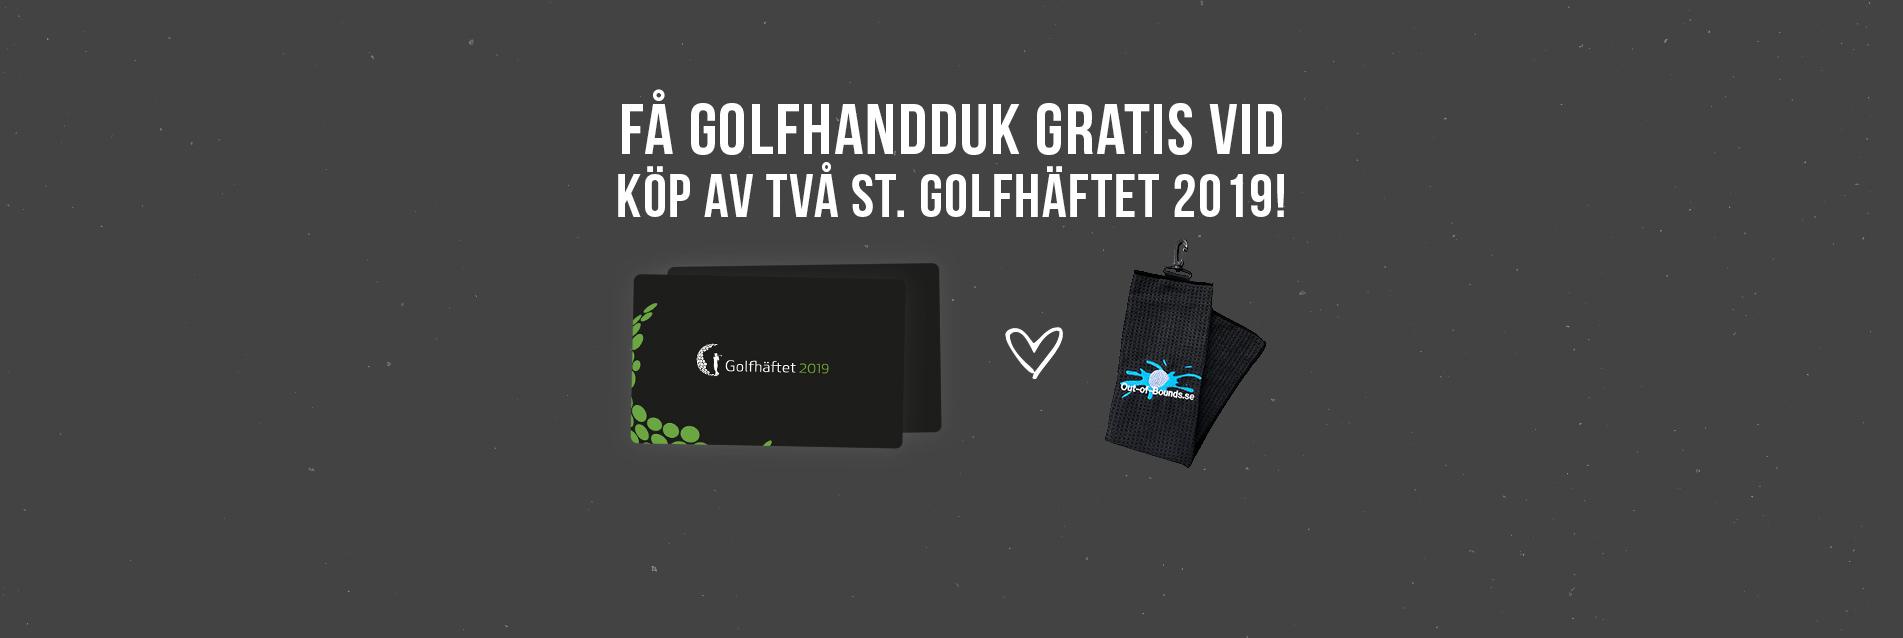 Få golfhandduk gratis vid köp av två st. Golfhäftet 2019!